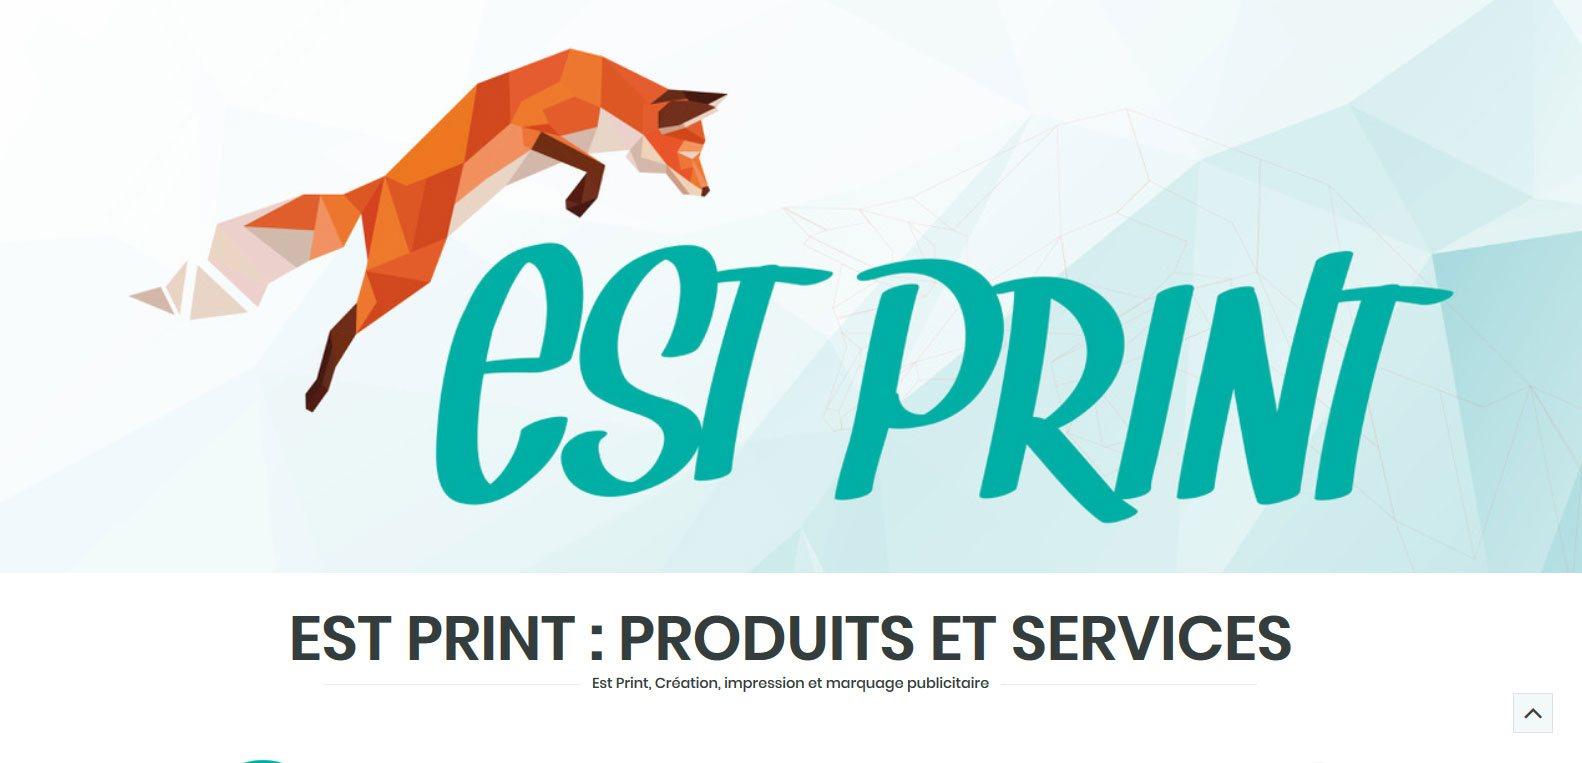 Site web d'estprint - création, impression et marquage publicitaire. Client Karedess, agence web et digitale situé à Mulhouse